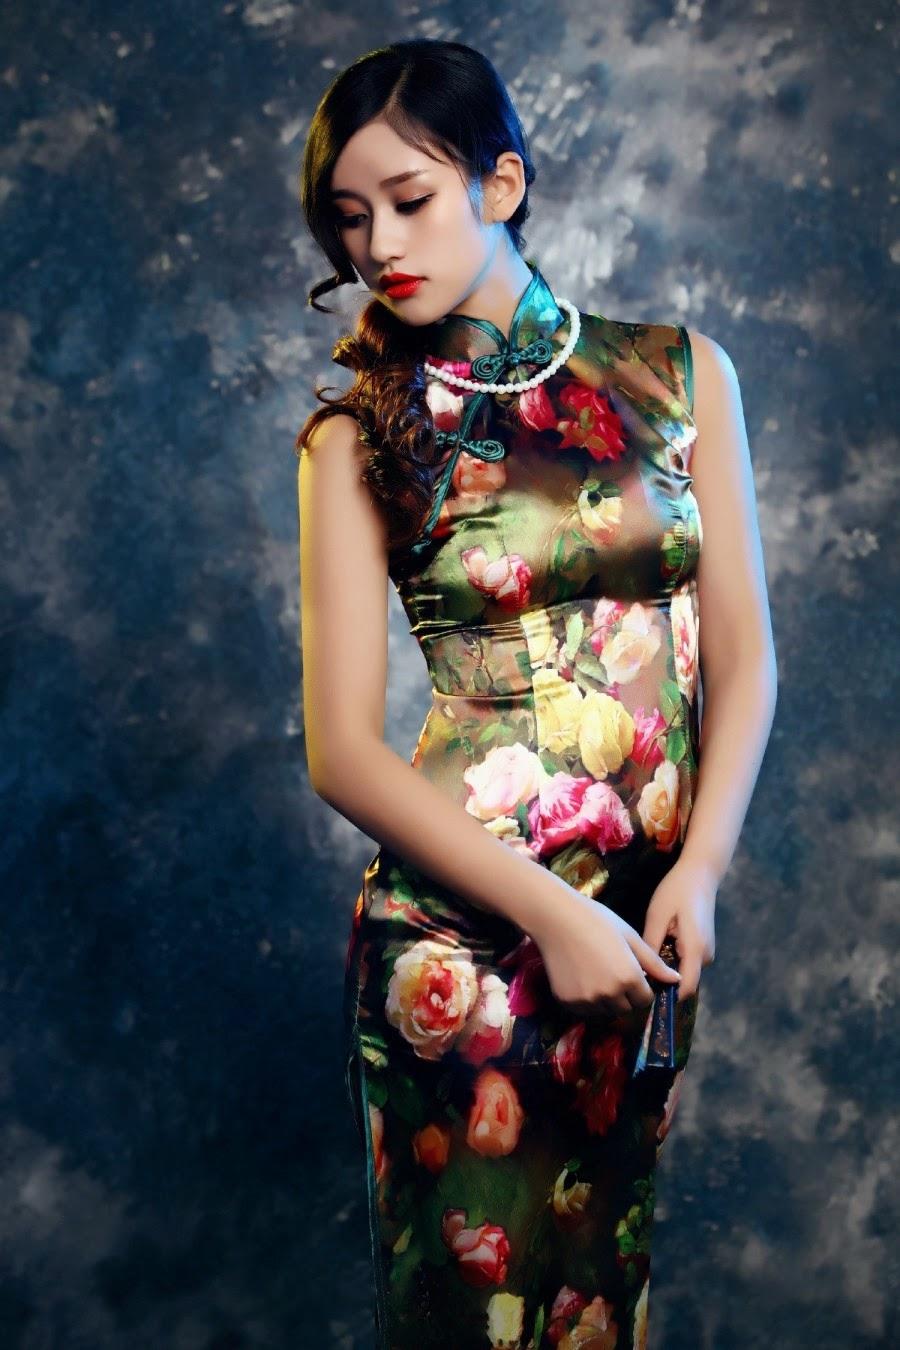 《精美音畫》純子音樂  東方妖姖  陳藍 - 亮麗 - 亮麗的博客